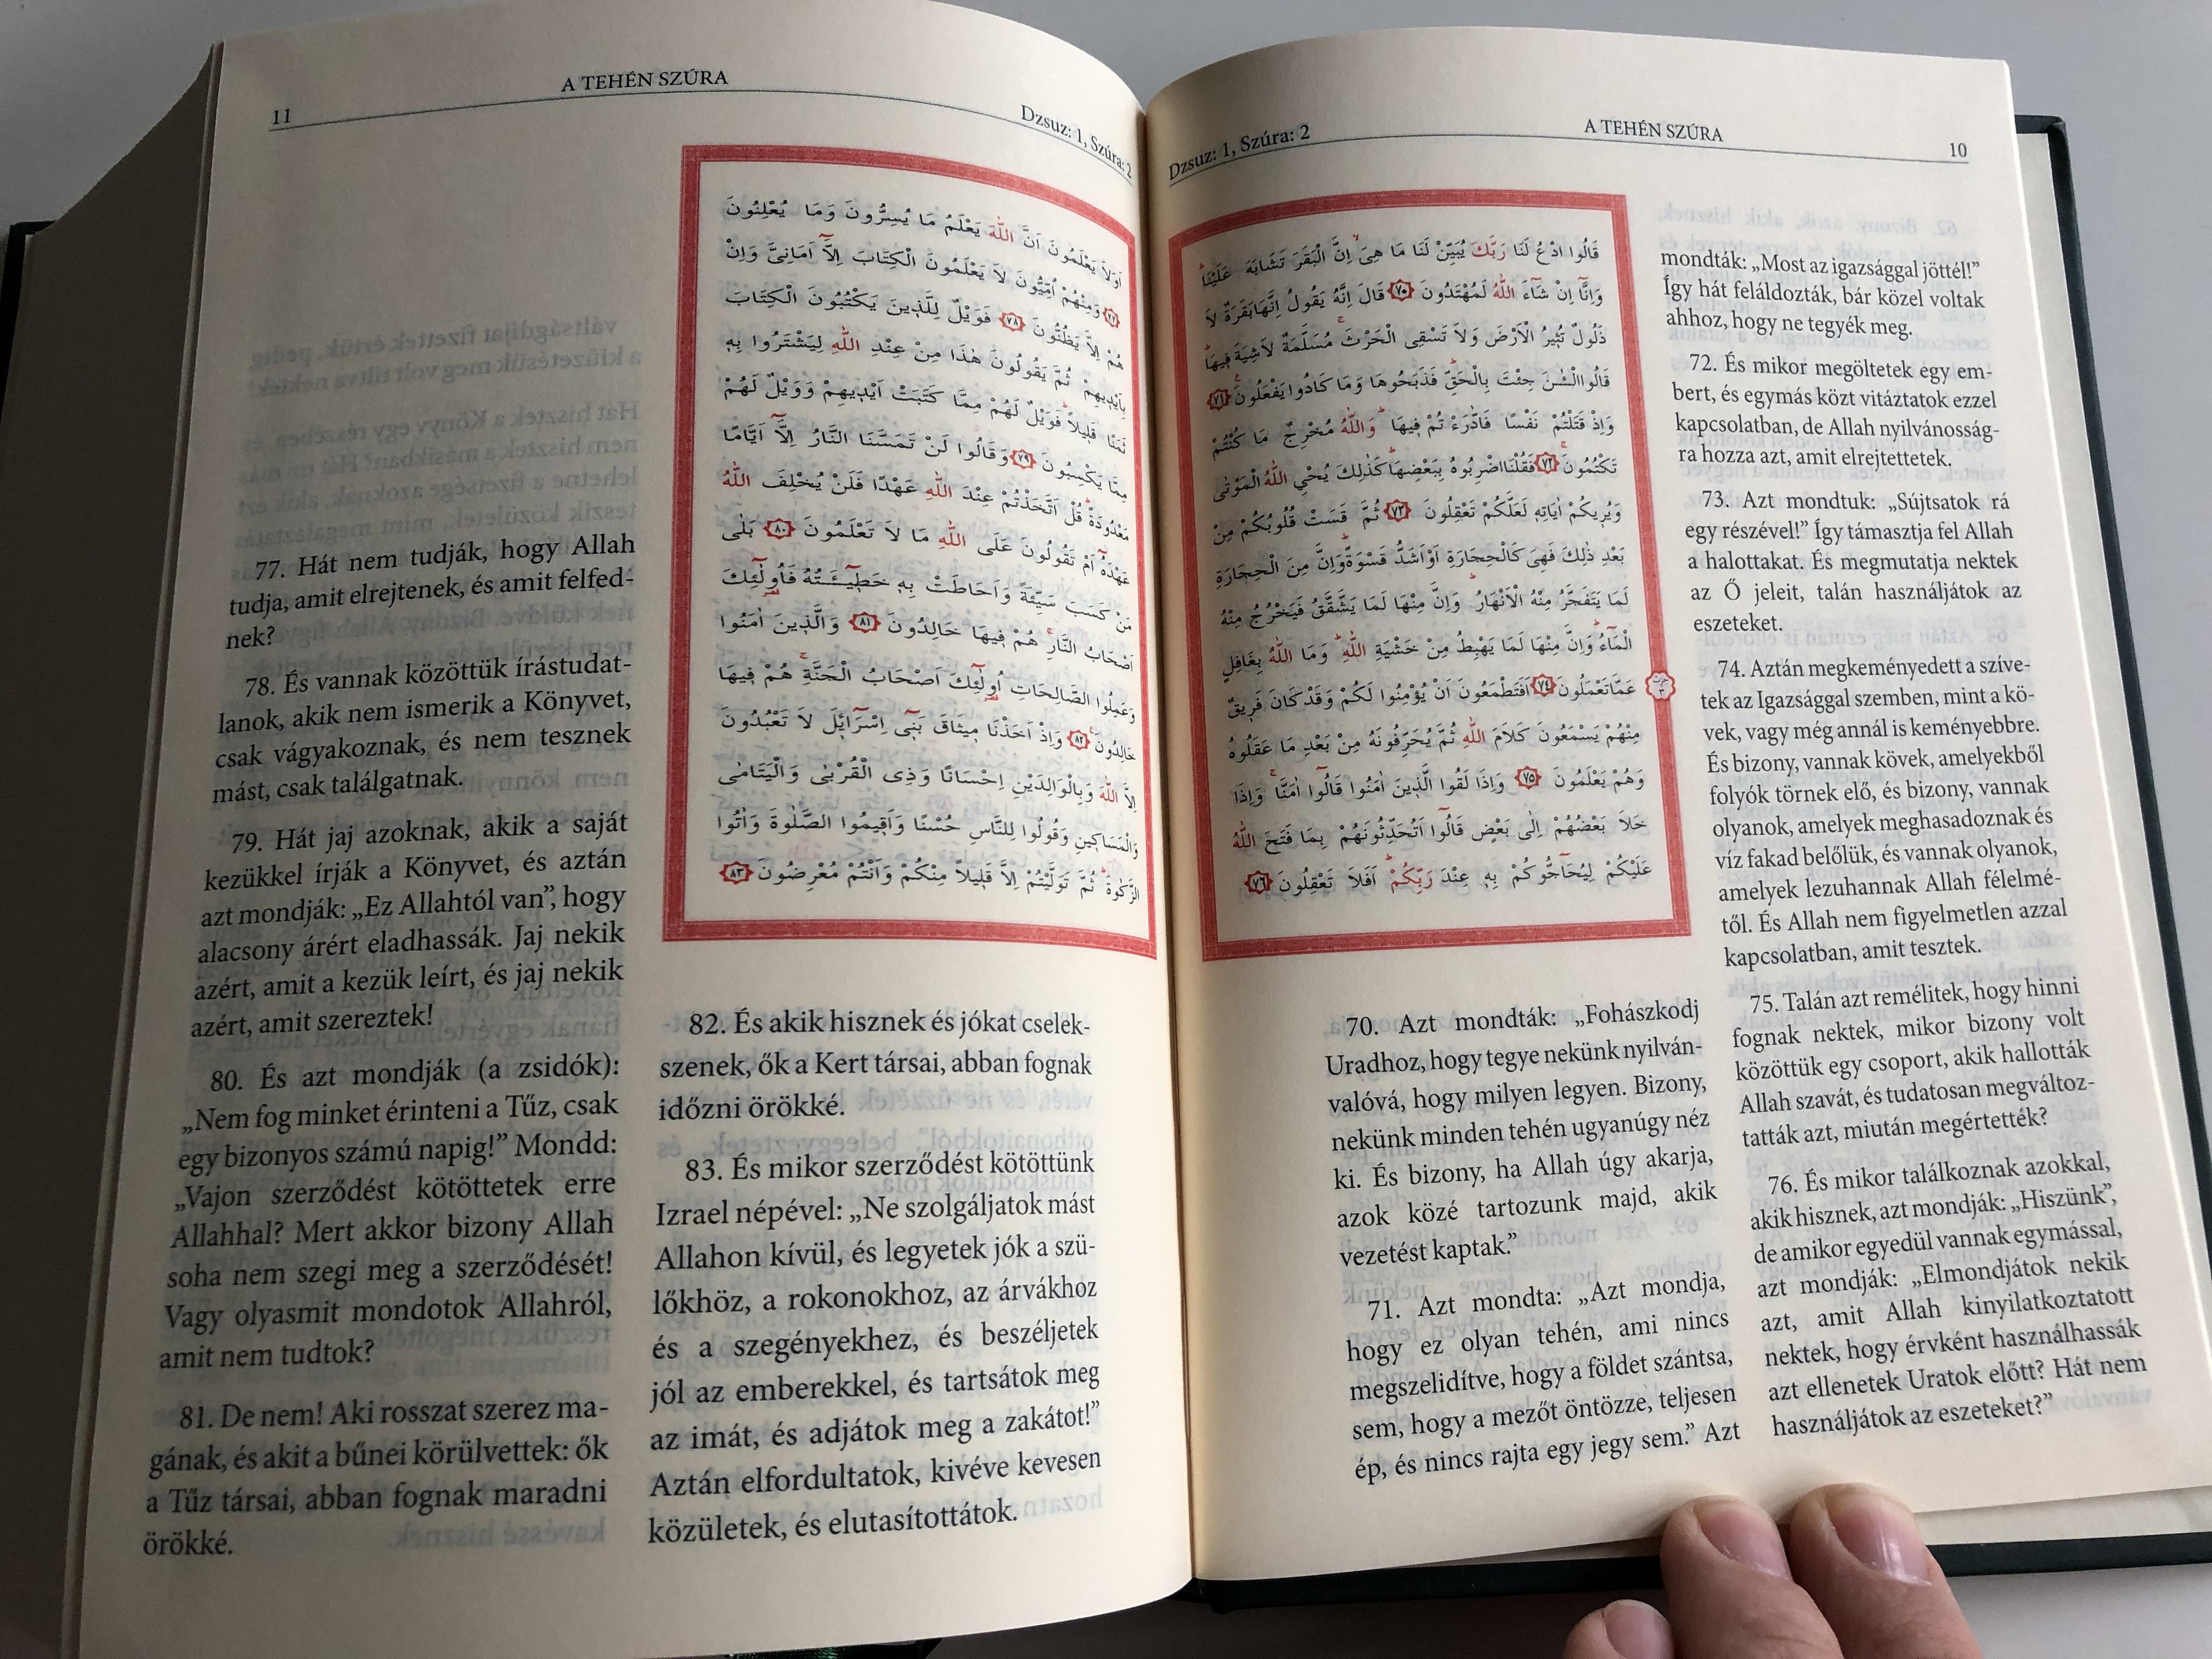 kegyes-kor-n-hungarian-interpretation-of-the-qur-an-a-pr-f-ta-v-ros-b-lm-a-f-nyes-medin-b-l-sz-rmaz-kor-n-alapj-n-hardcover-2010-hanif-iszl-m-24-.jpg